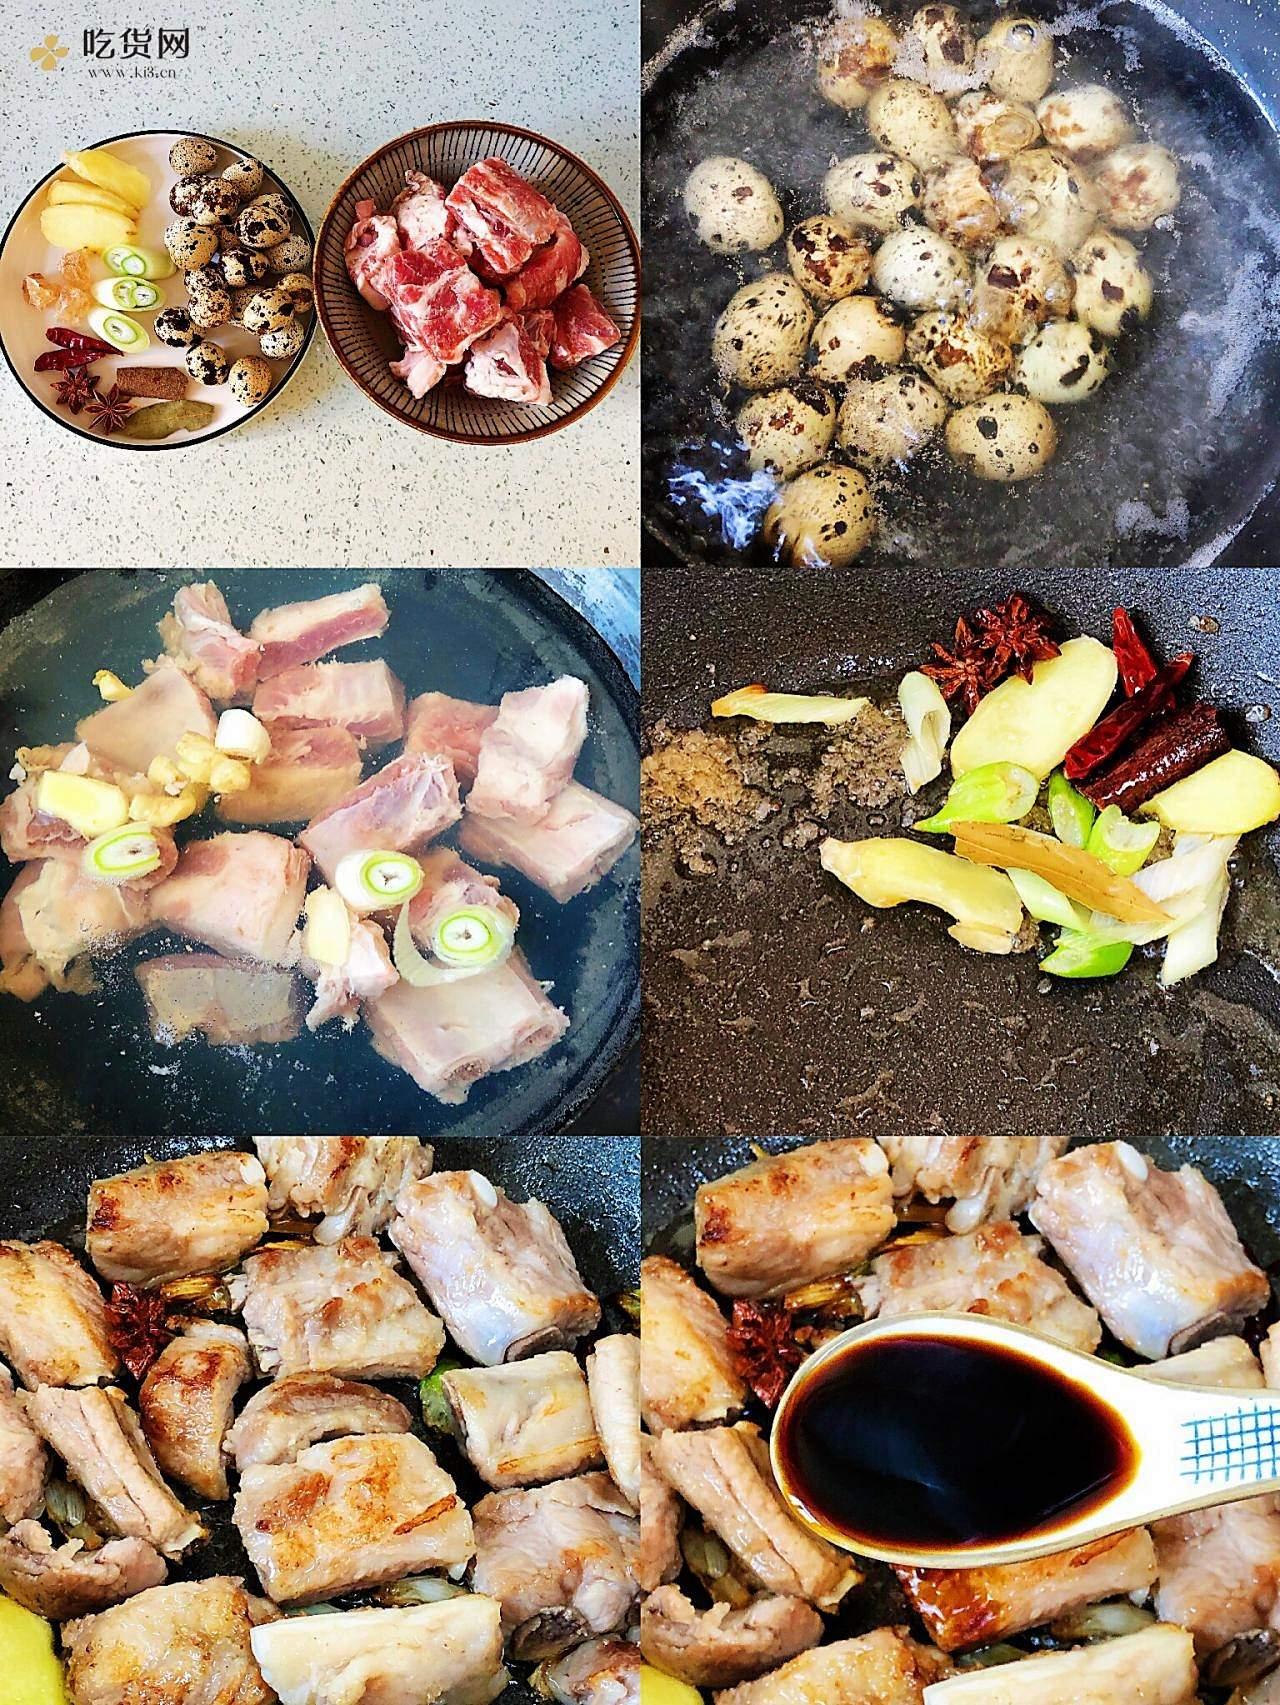 免糖色㊙️超好吃的红烧排骨炖卤蛋的做法 步骤2